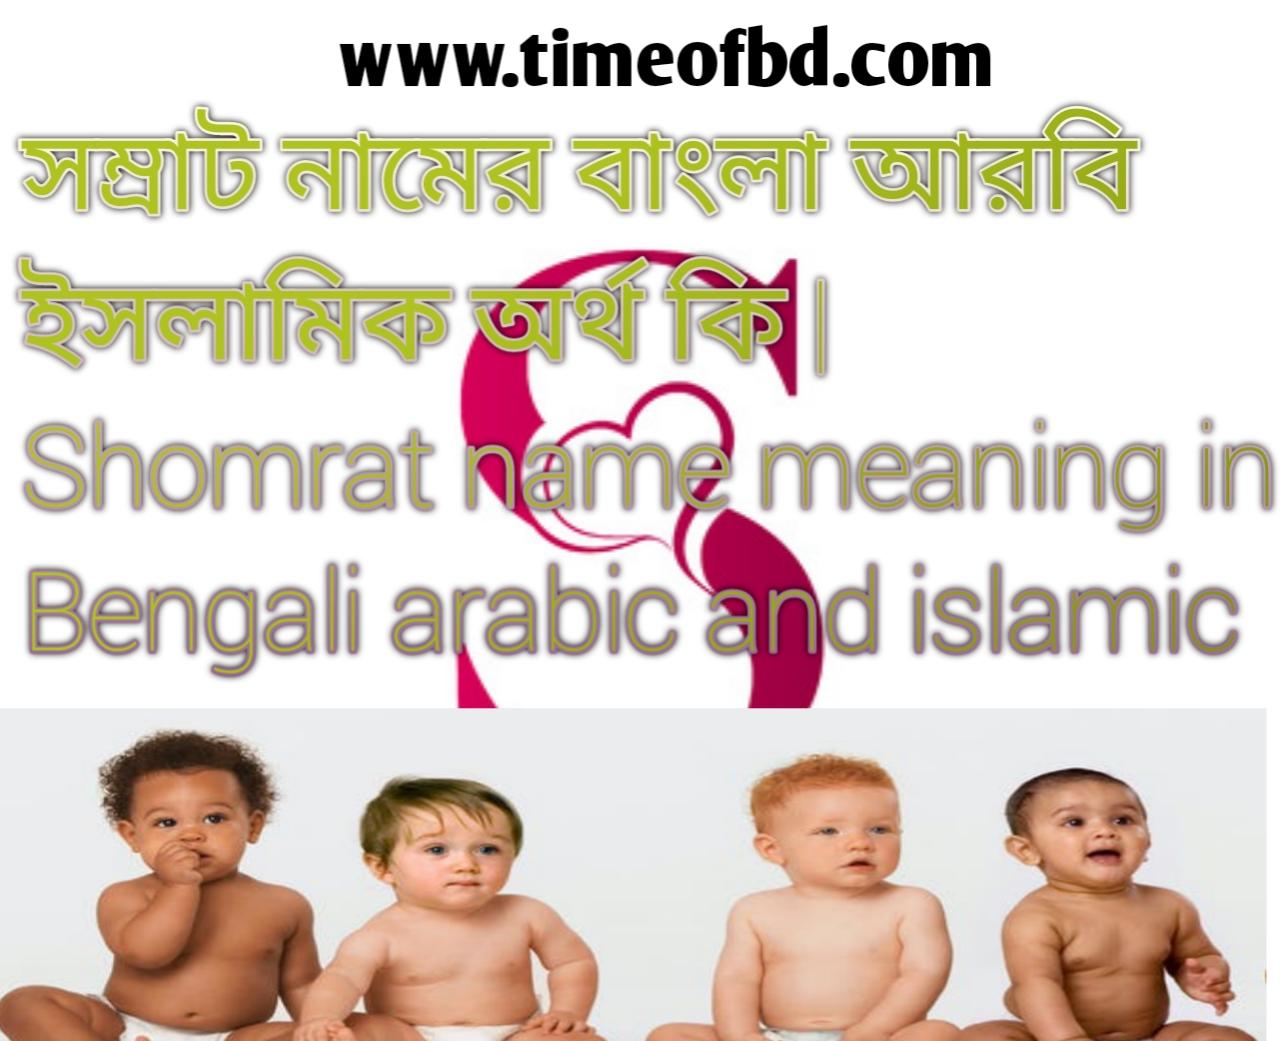 সম্রাট নামের অর্থ কি, সম্রাট নামের বাংলা অর্থ কি, সম্রাট নামের ইসলামিক অর্থ কি,  Shomrat name in Bengali, সম্রাট কি ইসলামিক নাম,